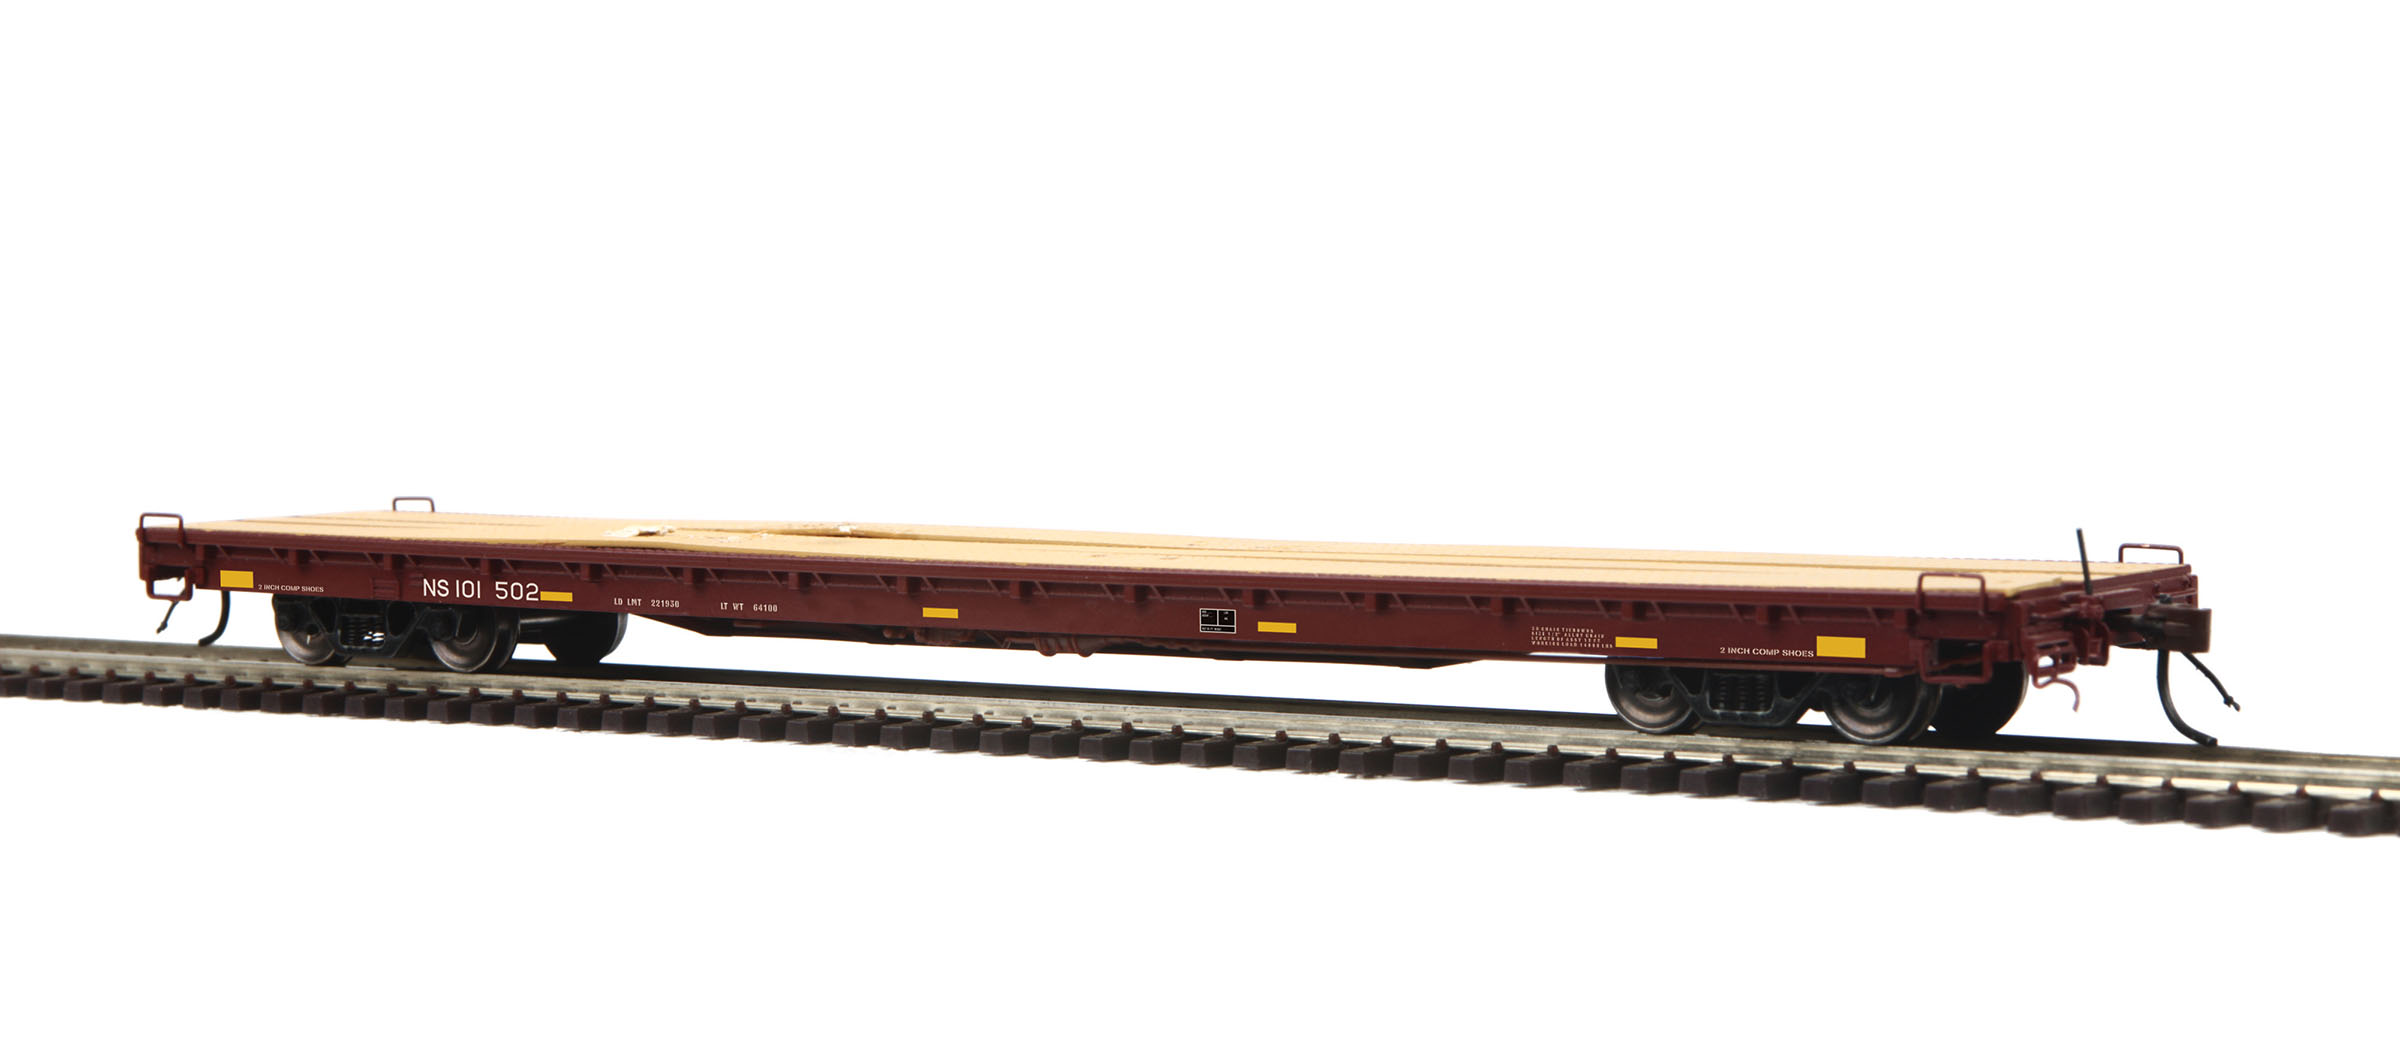 MTH 80-98036 60' Wood Deck Flatcar Norfolk Southern 101502